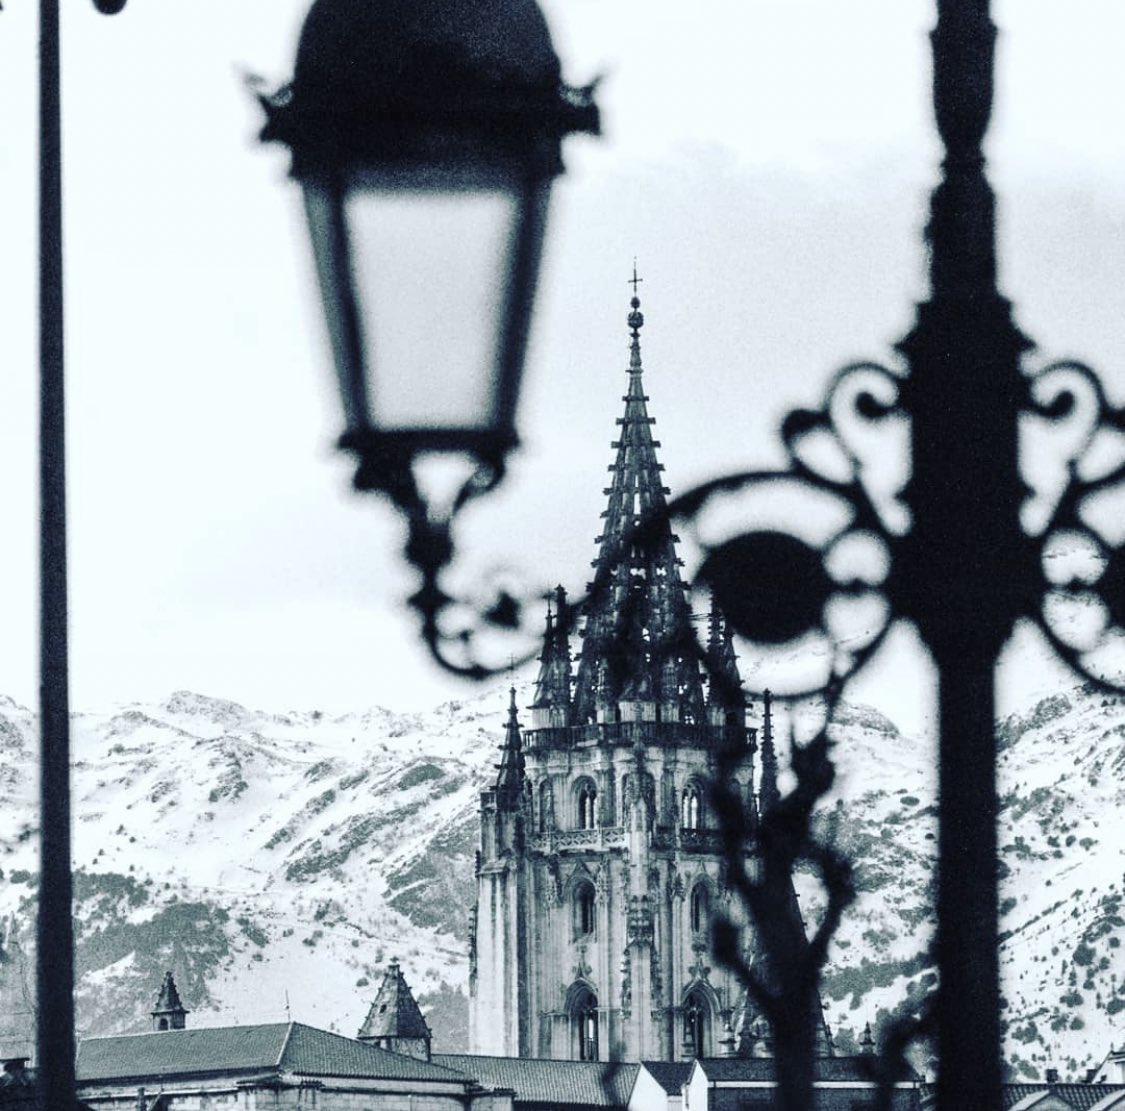 ¡Buenas noches @igers_oviedo! Preciosa imagen en blanco y negro desde #Oviedo 📸 foto de @esther.edelweiss✨📸 🌟💙💛✨ #igerstierrina #igers_oviedo #igersspain #igers #igersasturias #igersoviedo